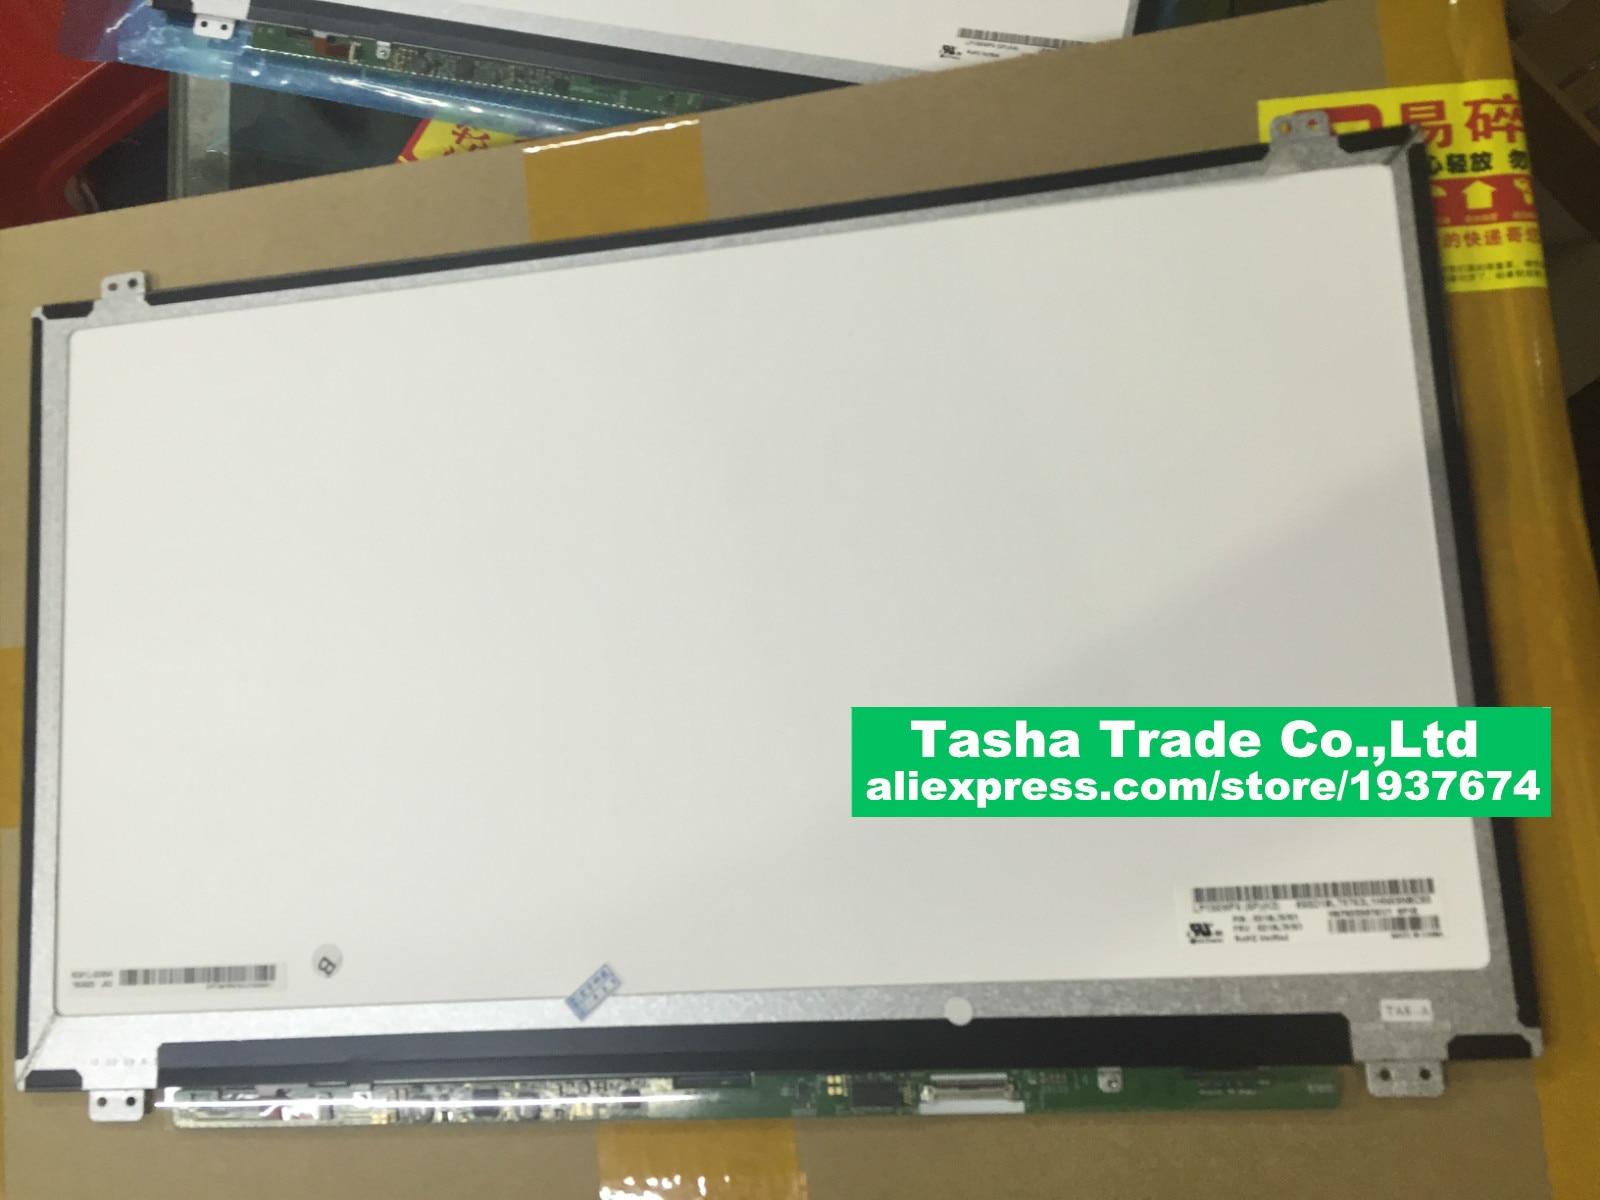 IPS FHD LCD LED Screen LP156WF6  SPK3 LP156WF6 (SP)(K3) LP156WF6-SPK3 Original New Matte matrix saniter lp156wf6 sp a1 b1 k1 h1 ltn156hl01 ltn156hl02 ips high lcd screen